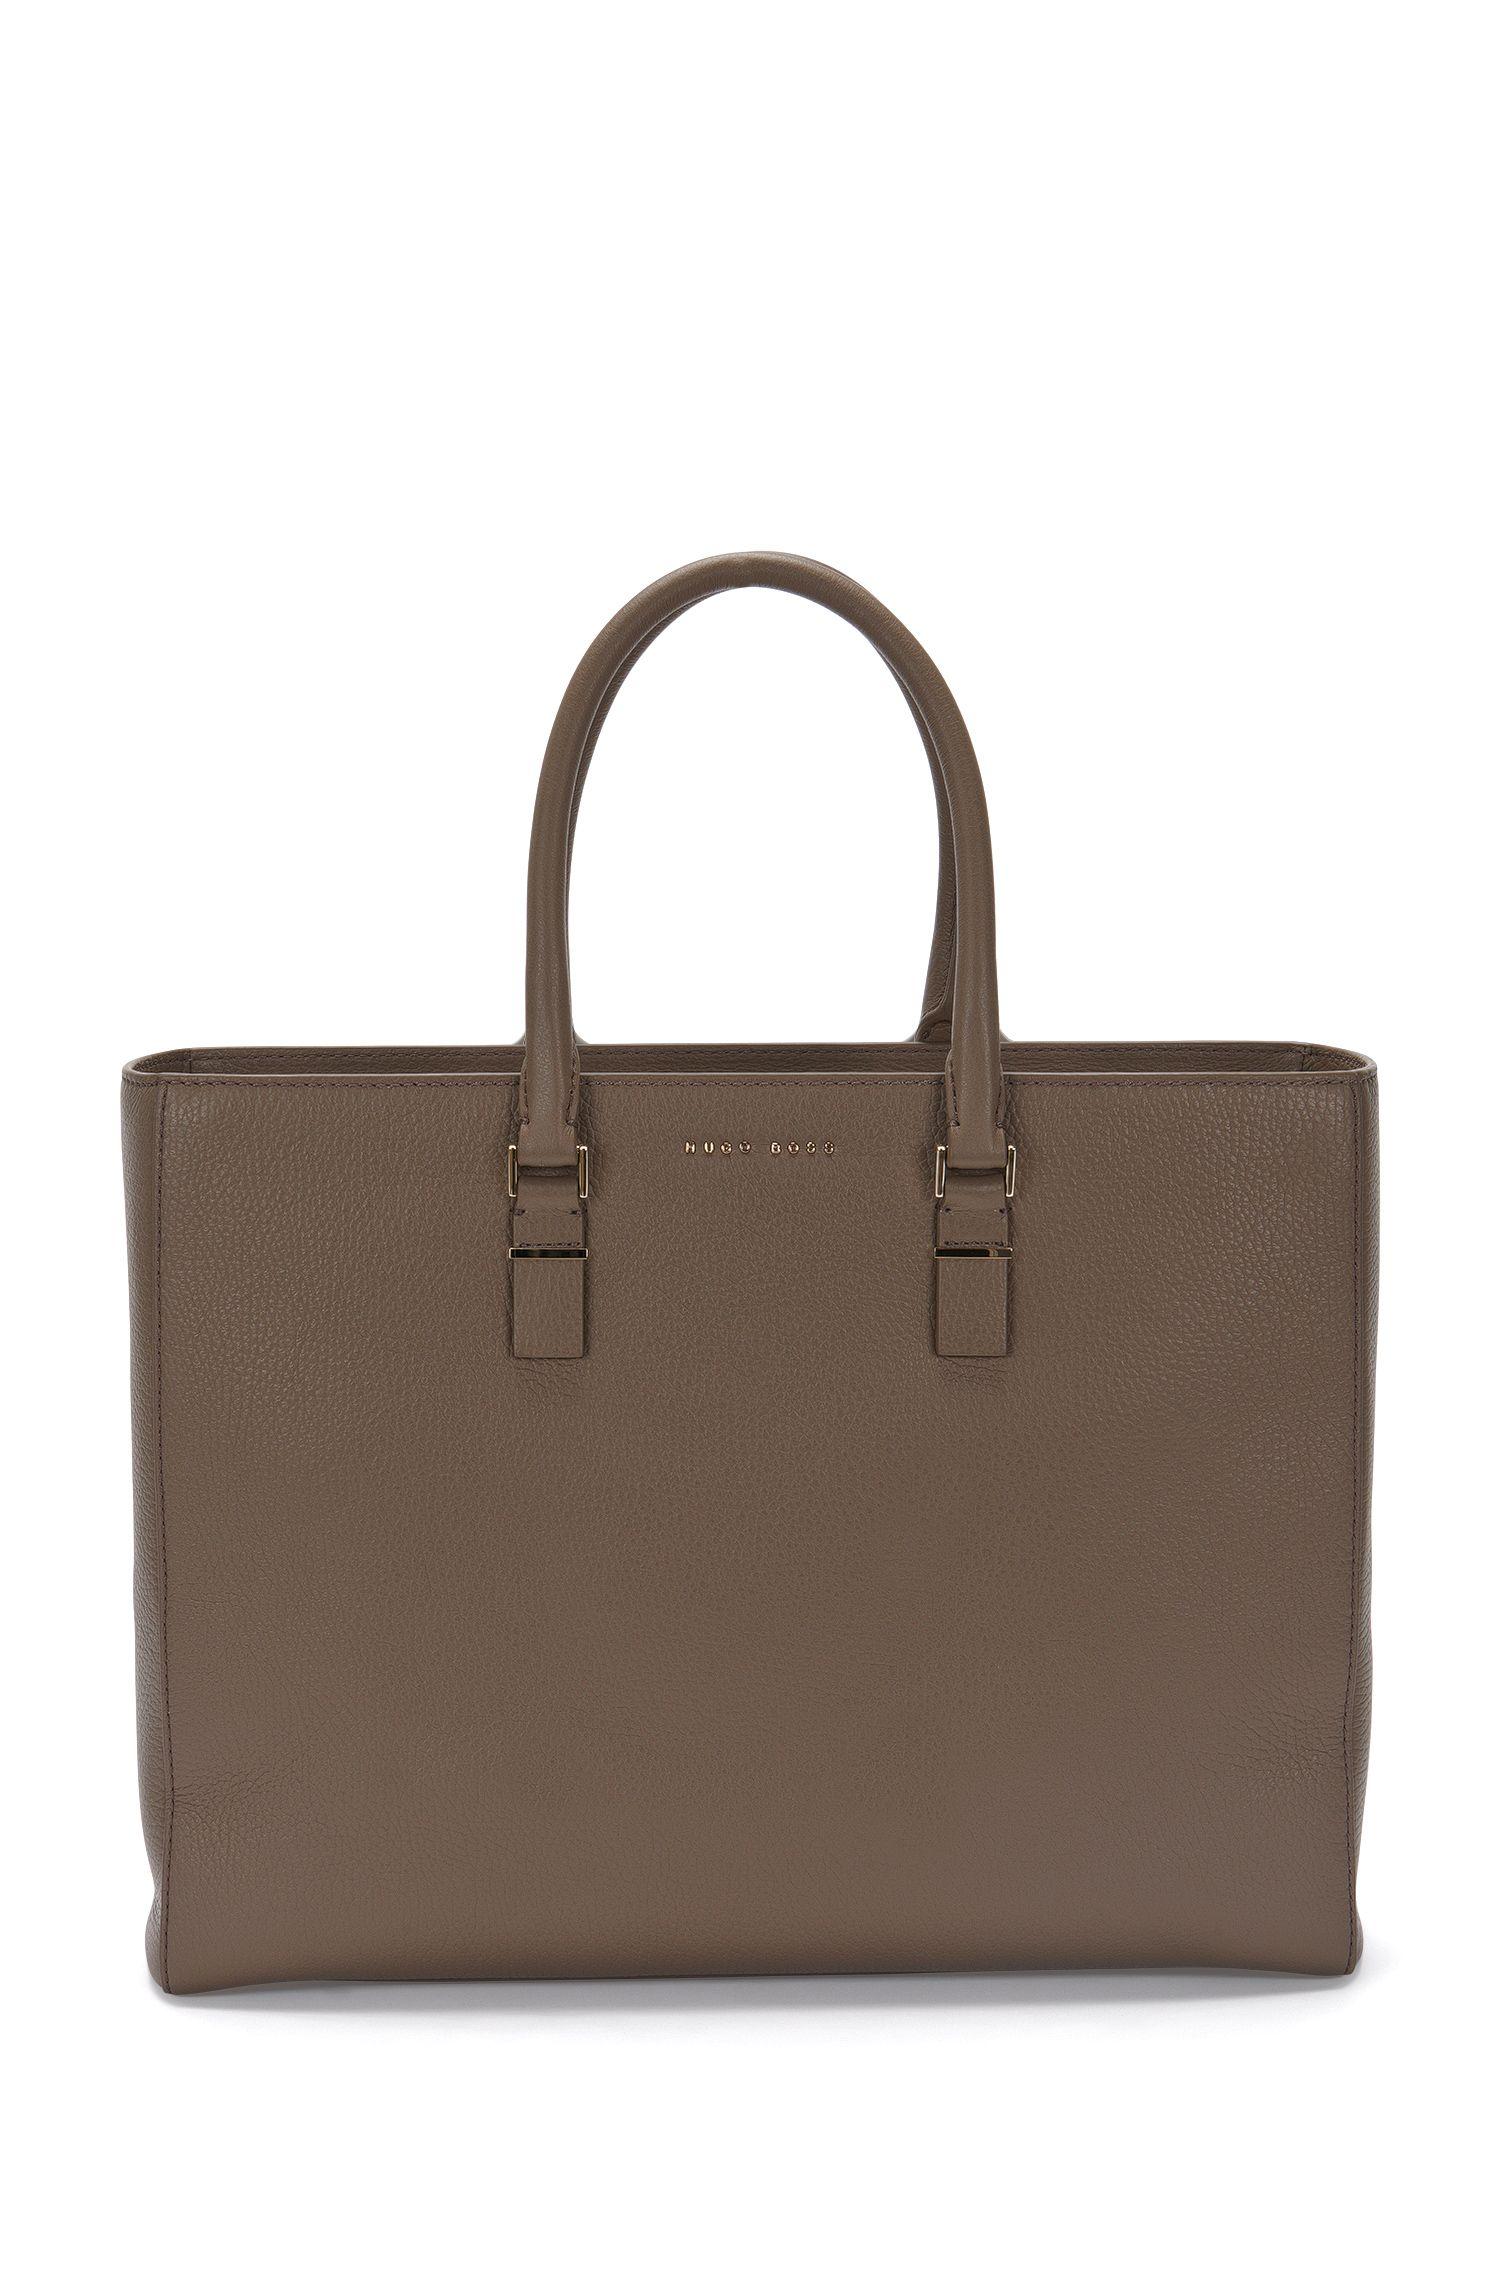 BOSS Luxury Staple work bag in rich Italian leather